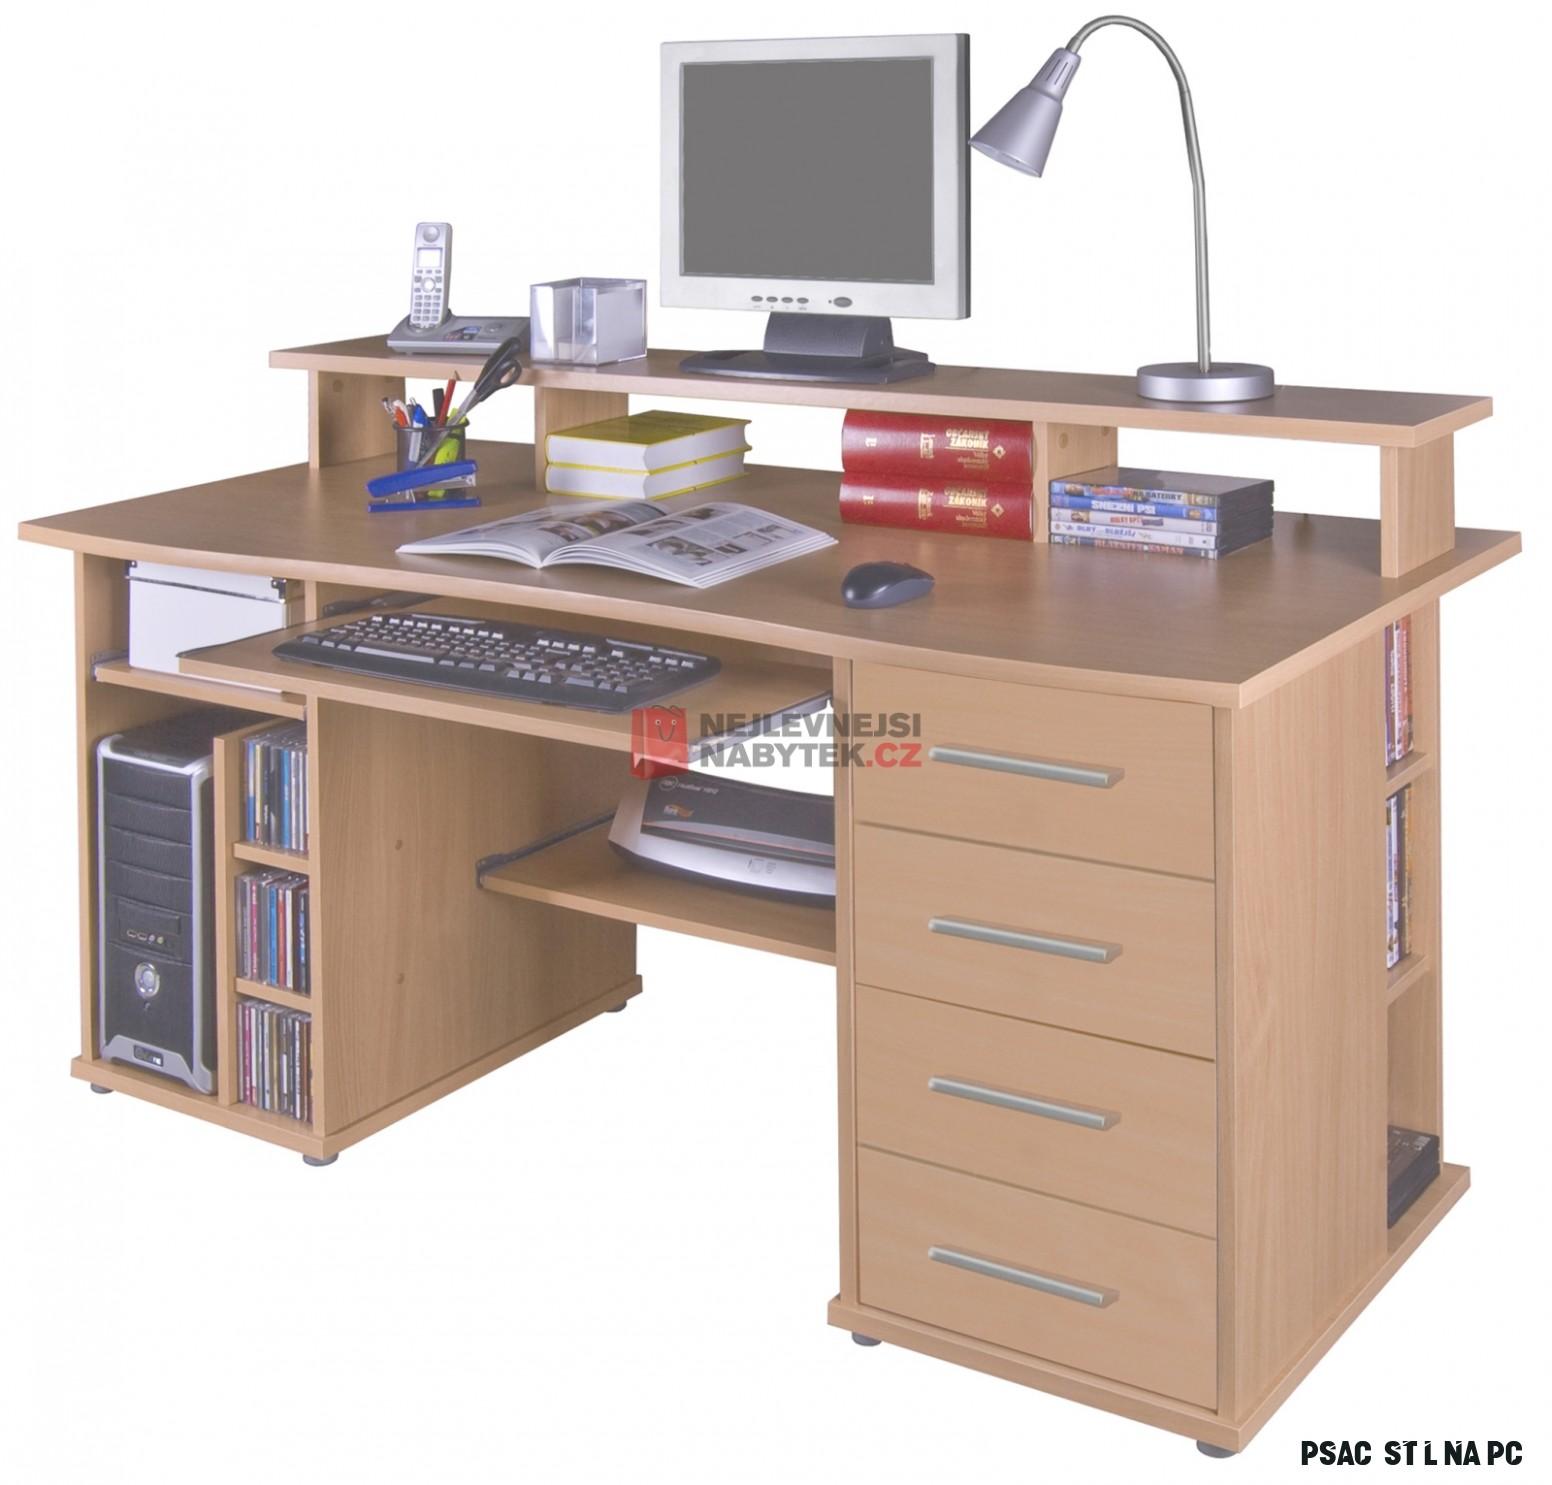 PC stůl FRANZ, buk  NEJLEVNEJSINABYTEK.CZ